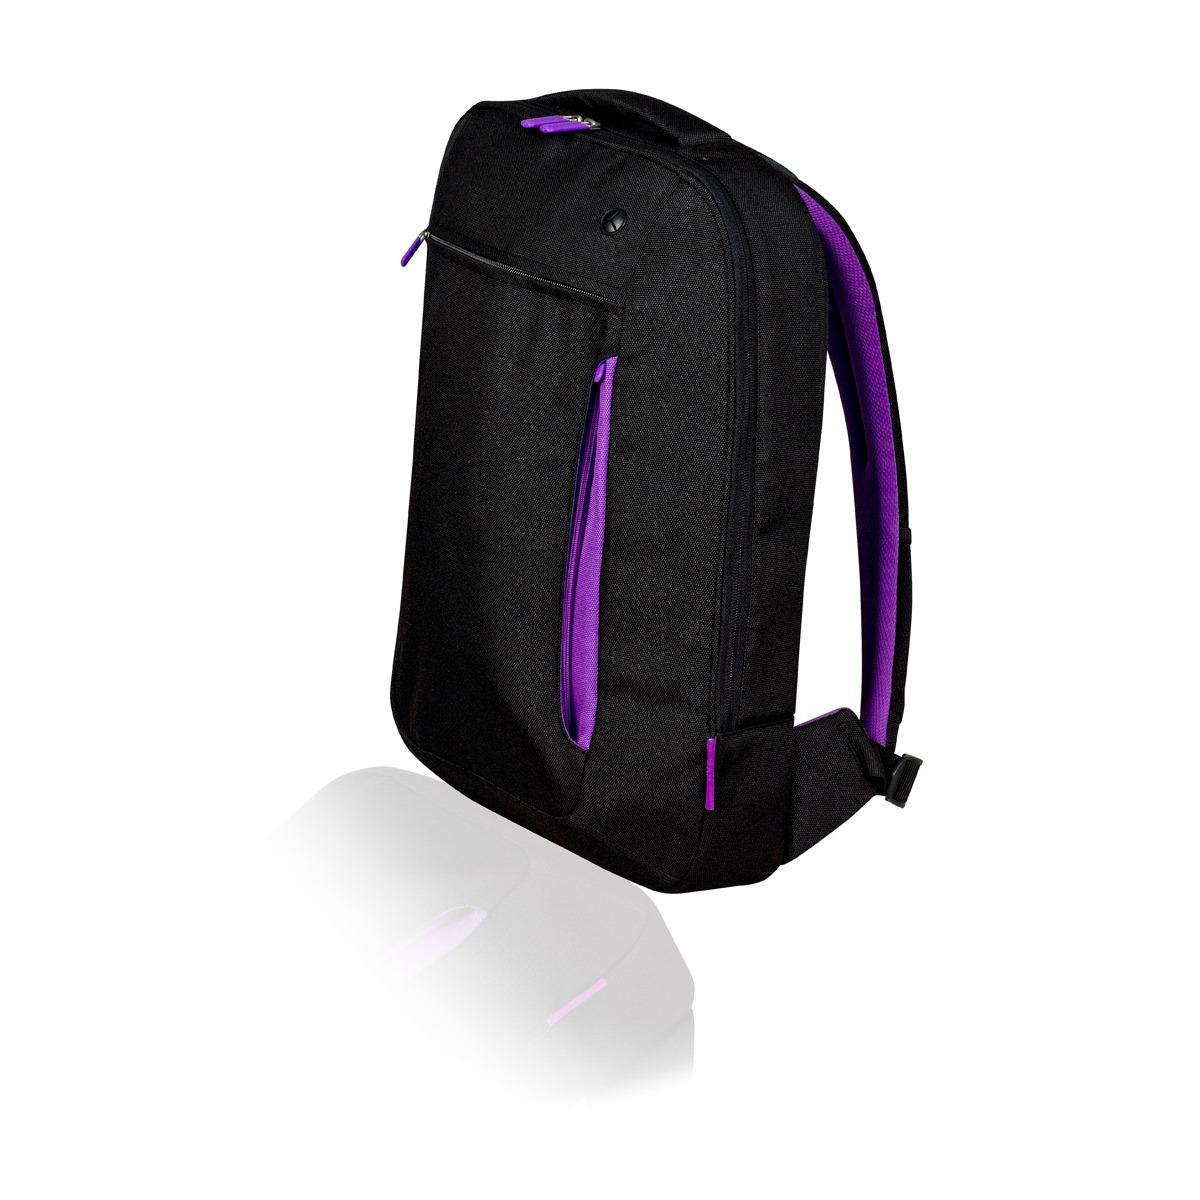 belkin sac dos pour ordinateur portable jusqu 39 15 6 39 39 sac sacoche housse belkin sur. Black Bedroom Furniture Sets. Home Design Ideas